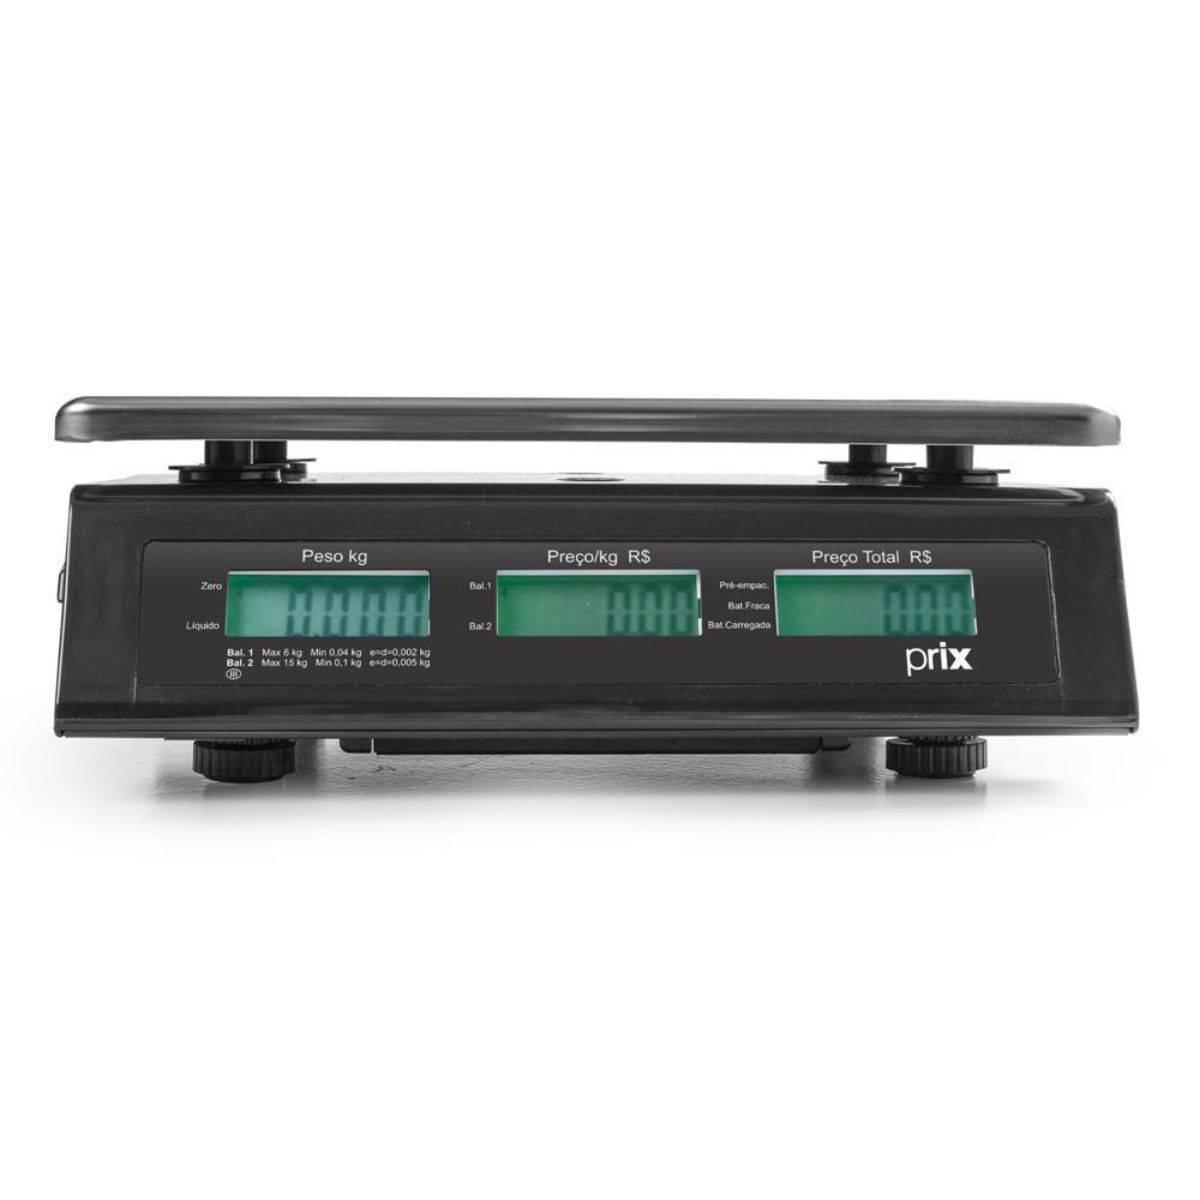 Balança Digital Computadora 15Kg Bateria Prix3 Fit Toledo - Magazine do Chef